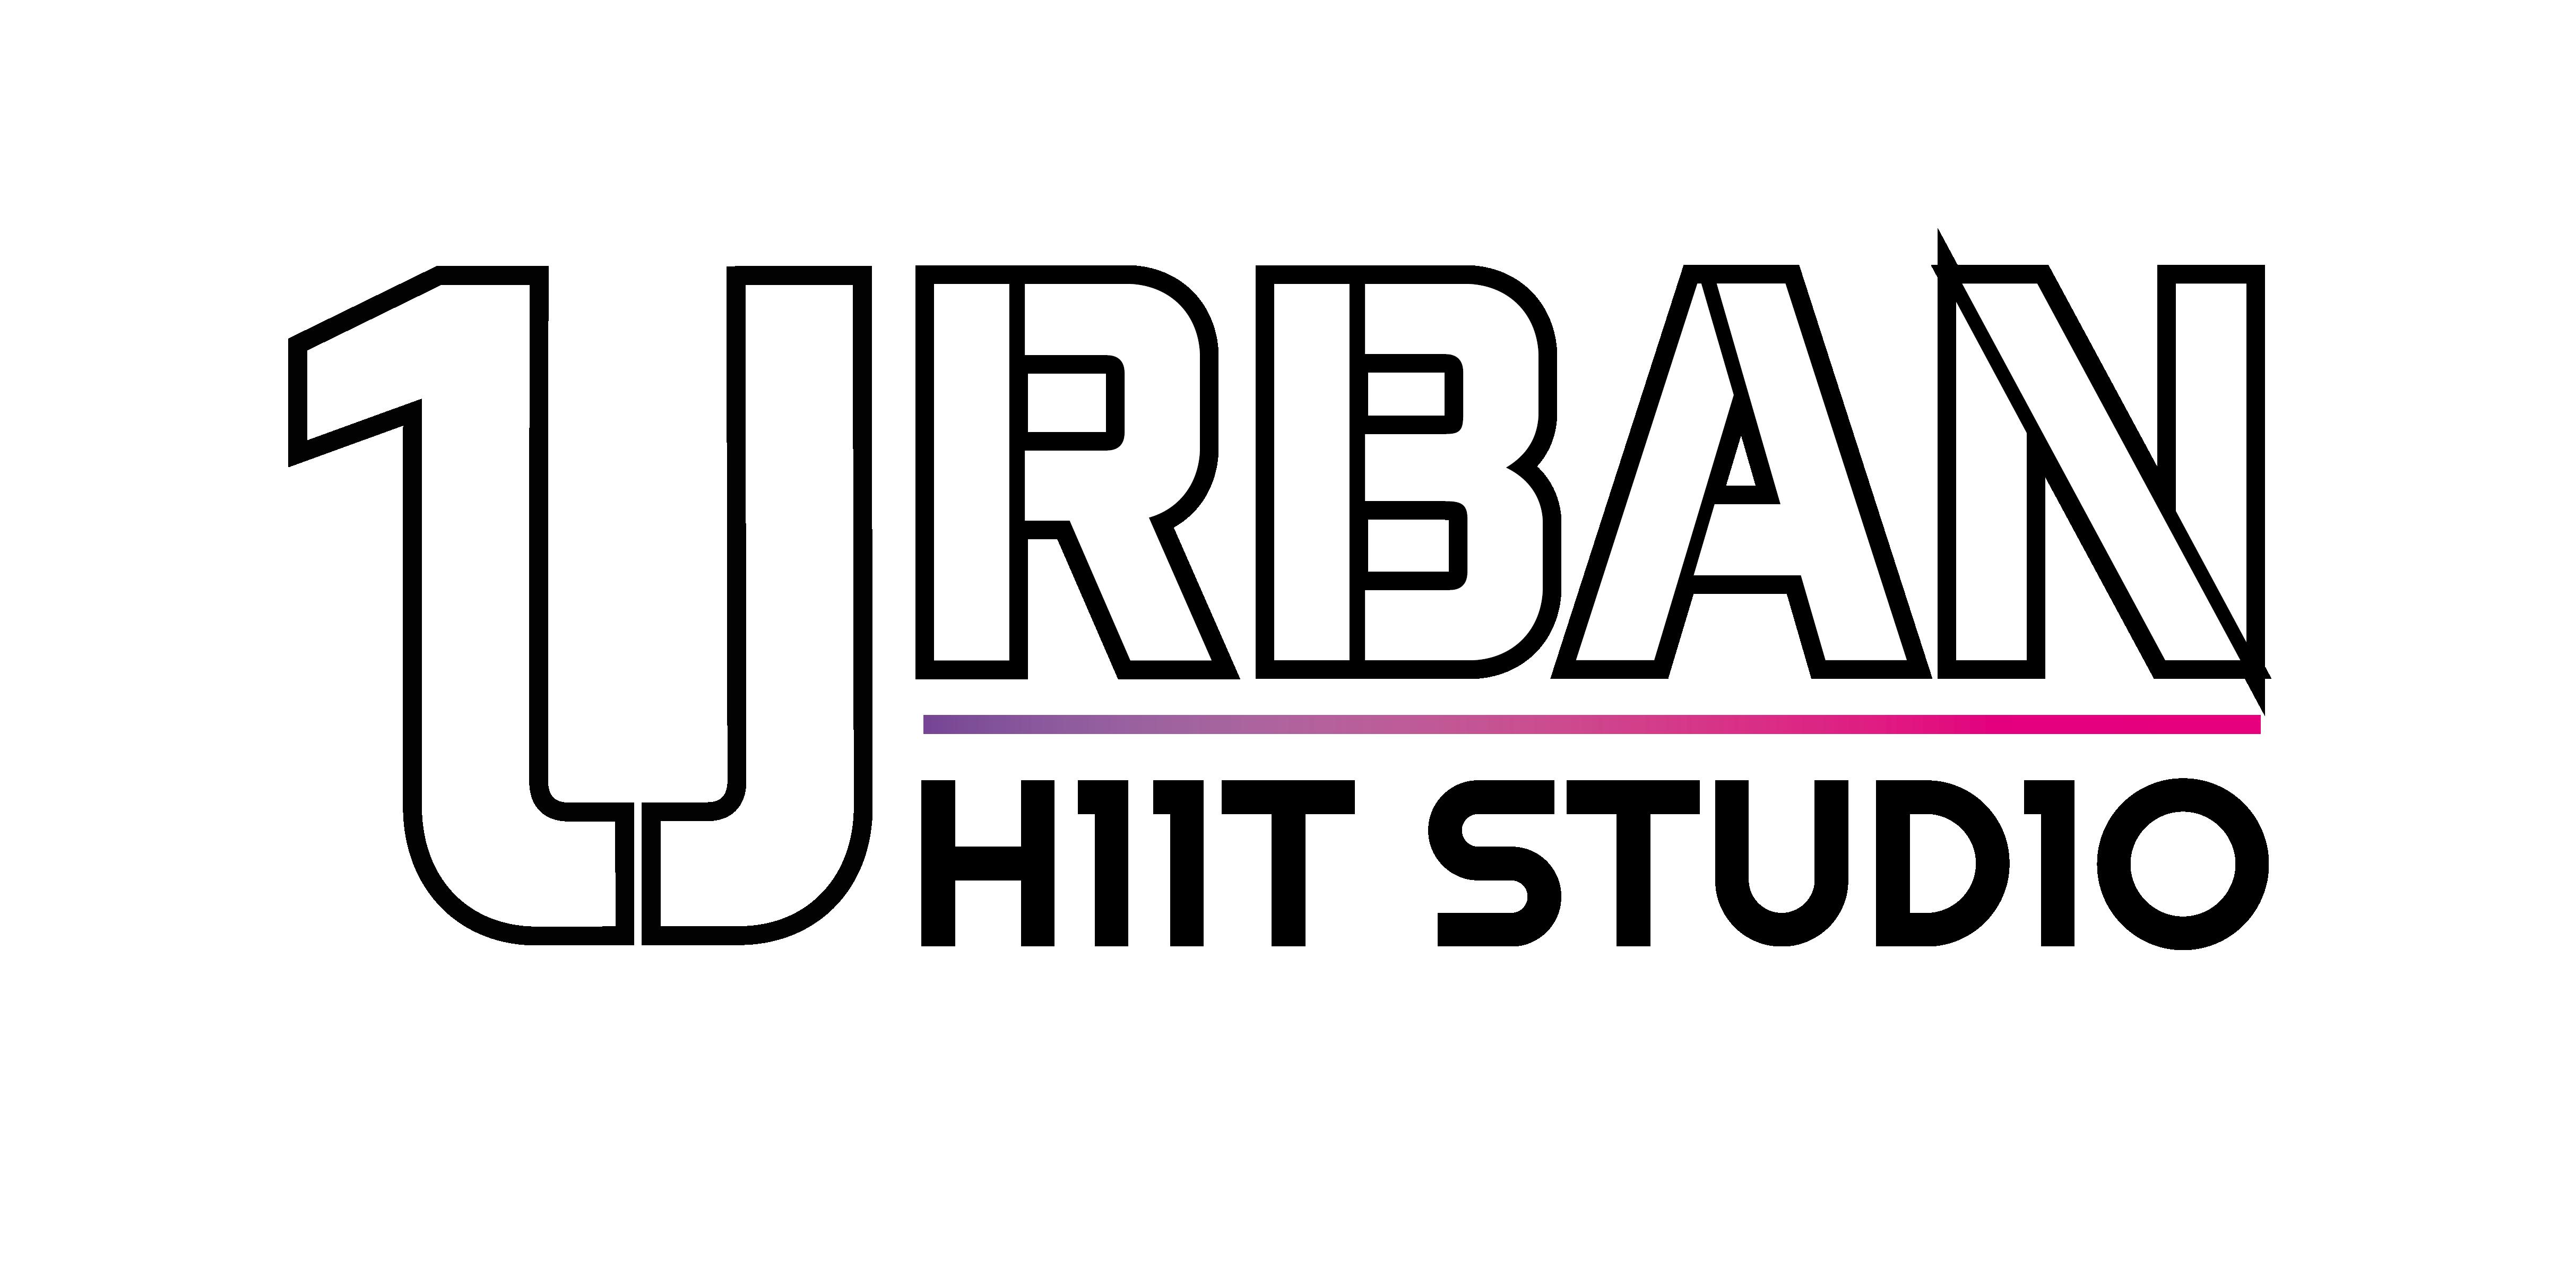 viuleva_referenssi_1urban_logo1